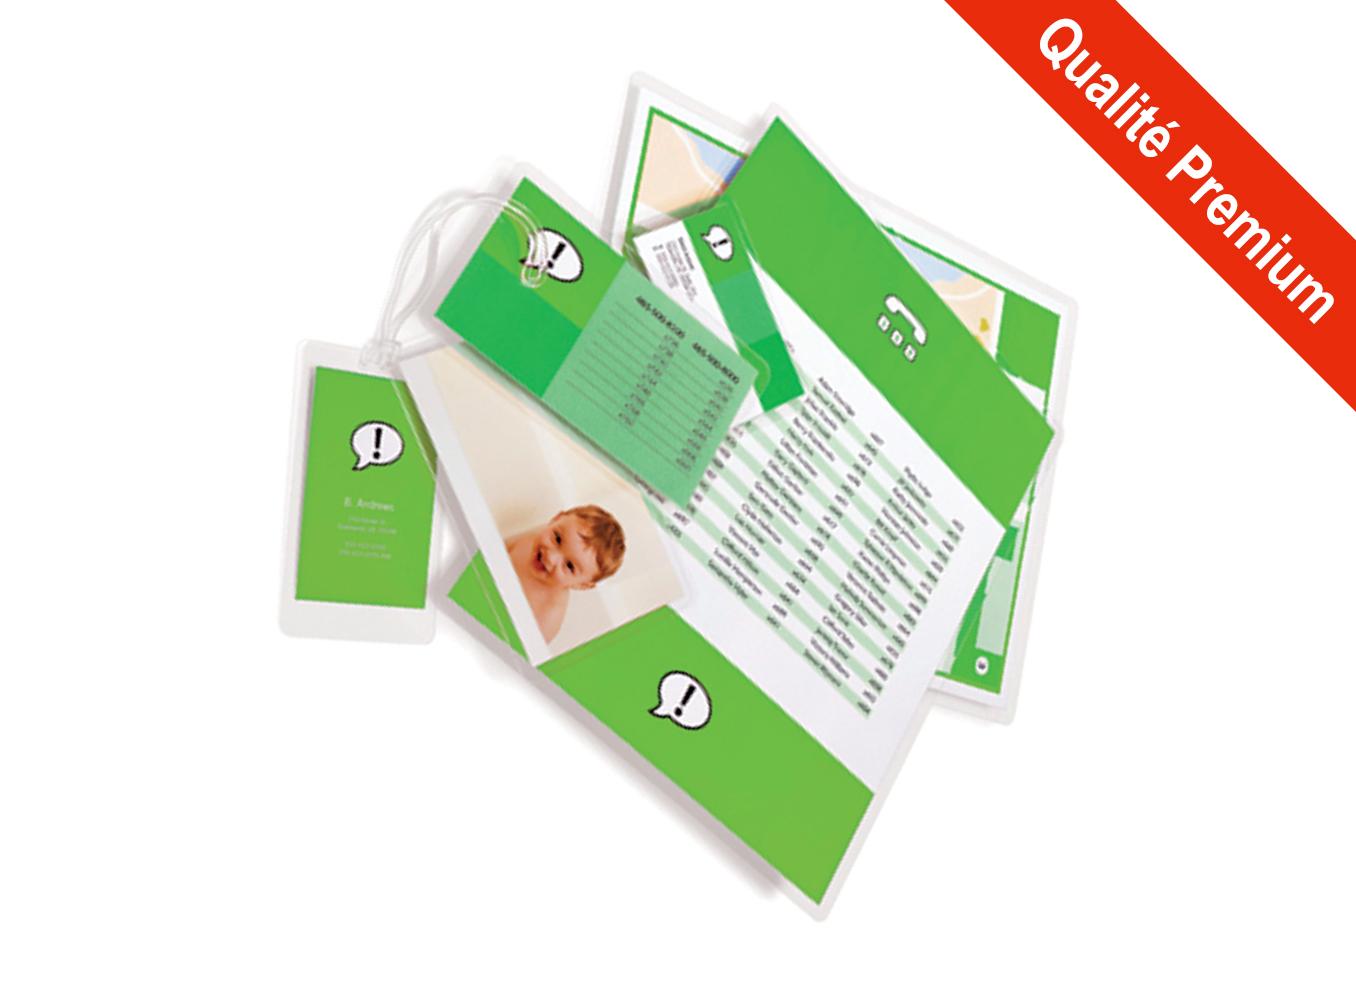 Pochettes finition Brillant - Format Spécial Badge - BAD - 60 x 90 mm - <span style='font-weight:bold; color:#E82C0C;'>Qualité Premium</span>